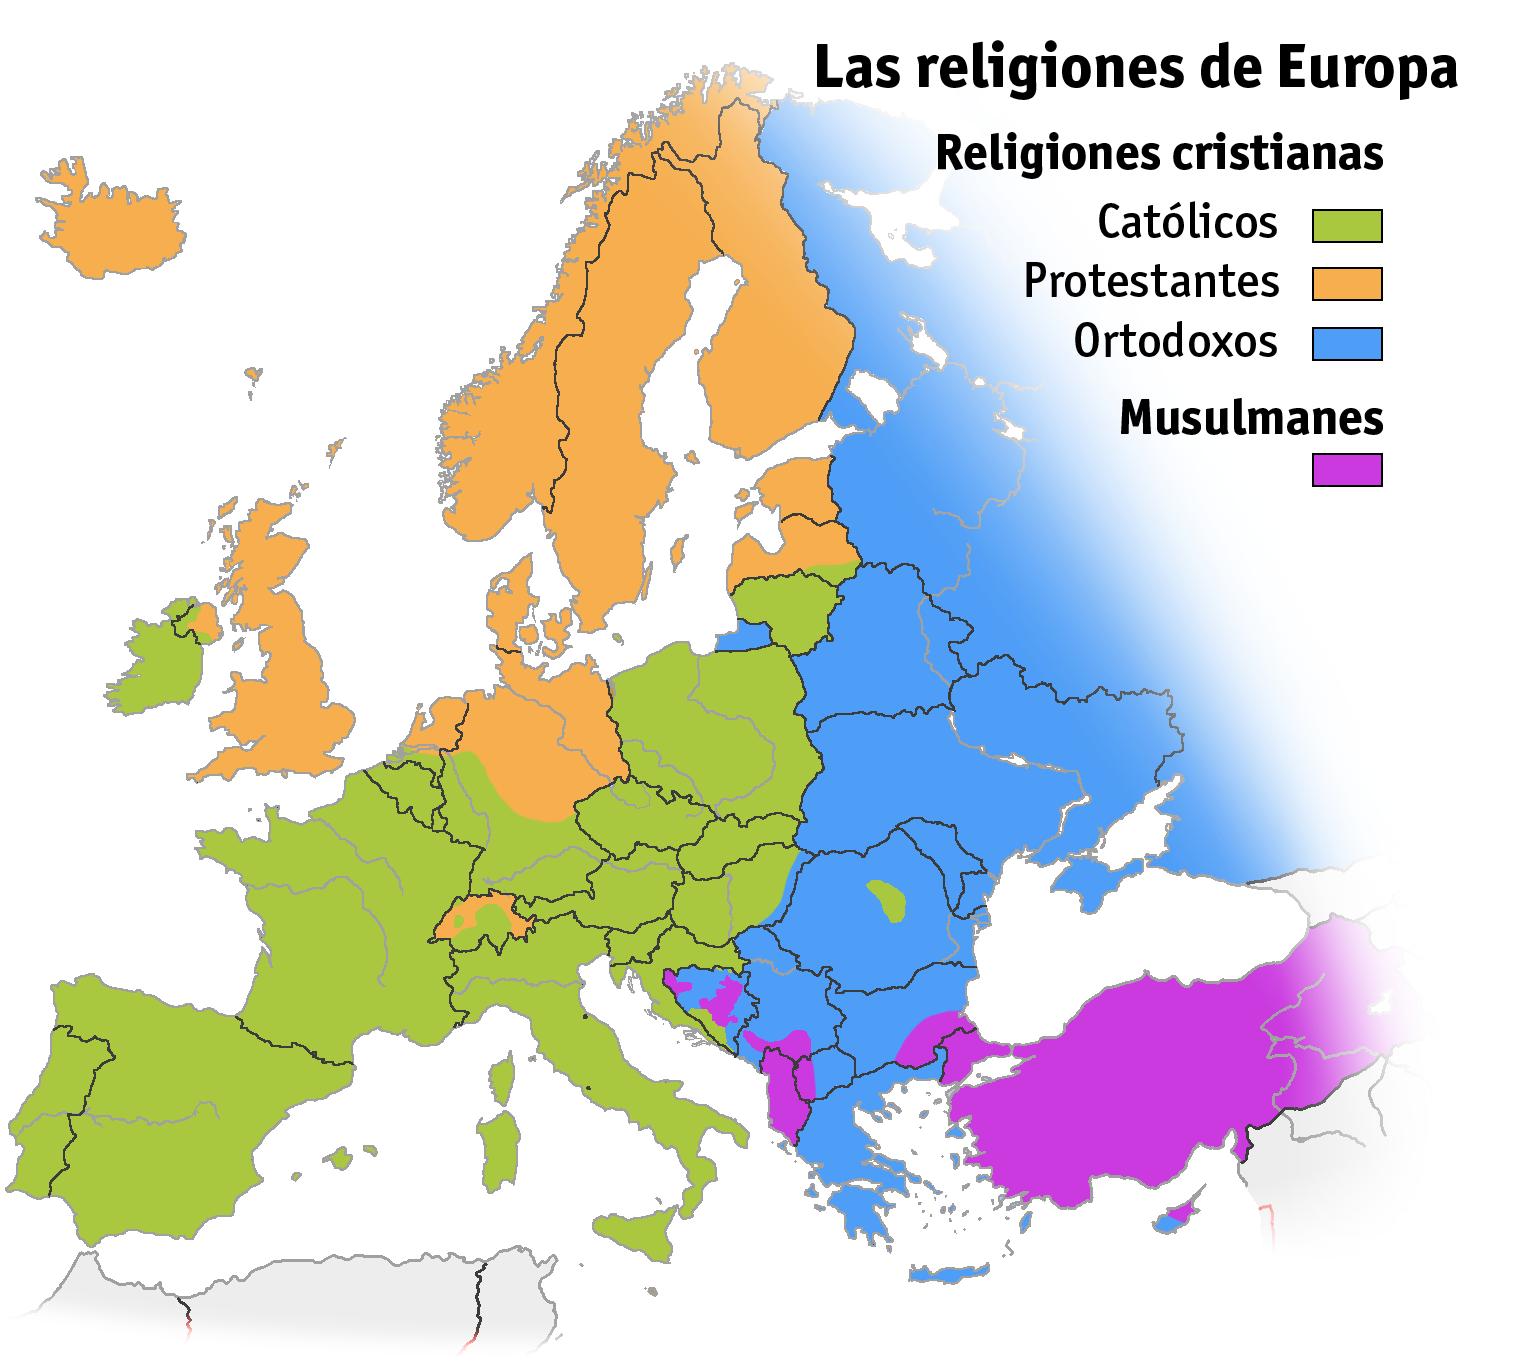 Las religiones de Europa 2005